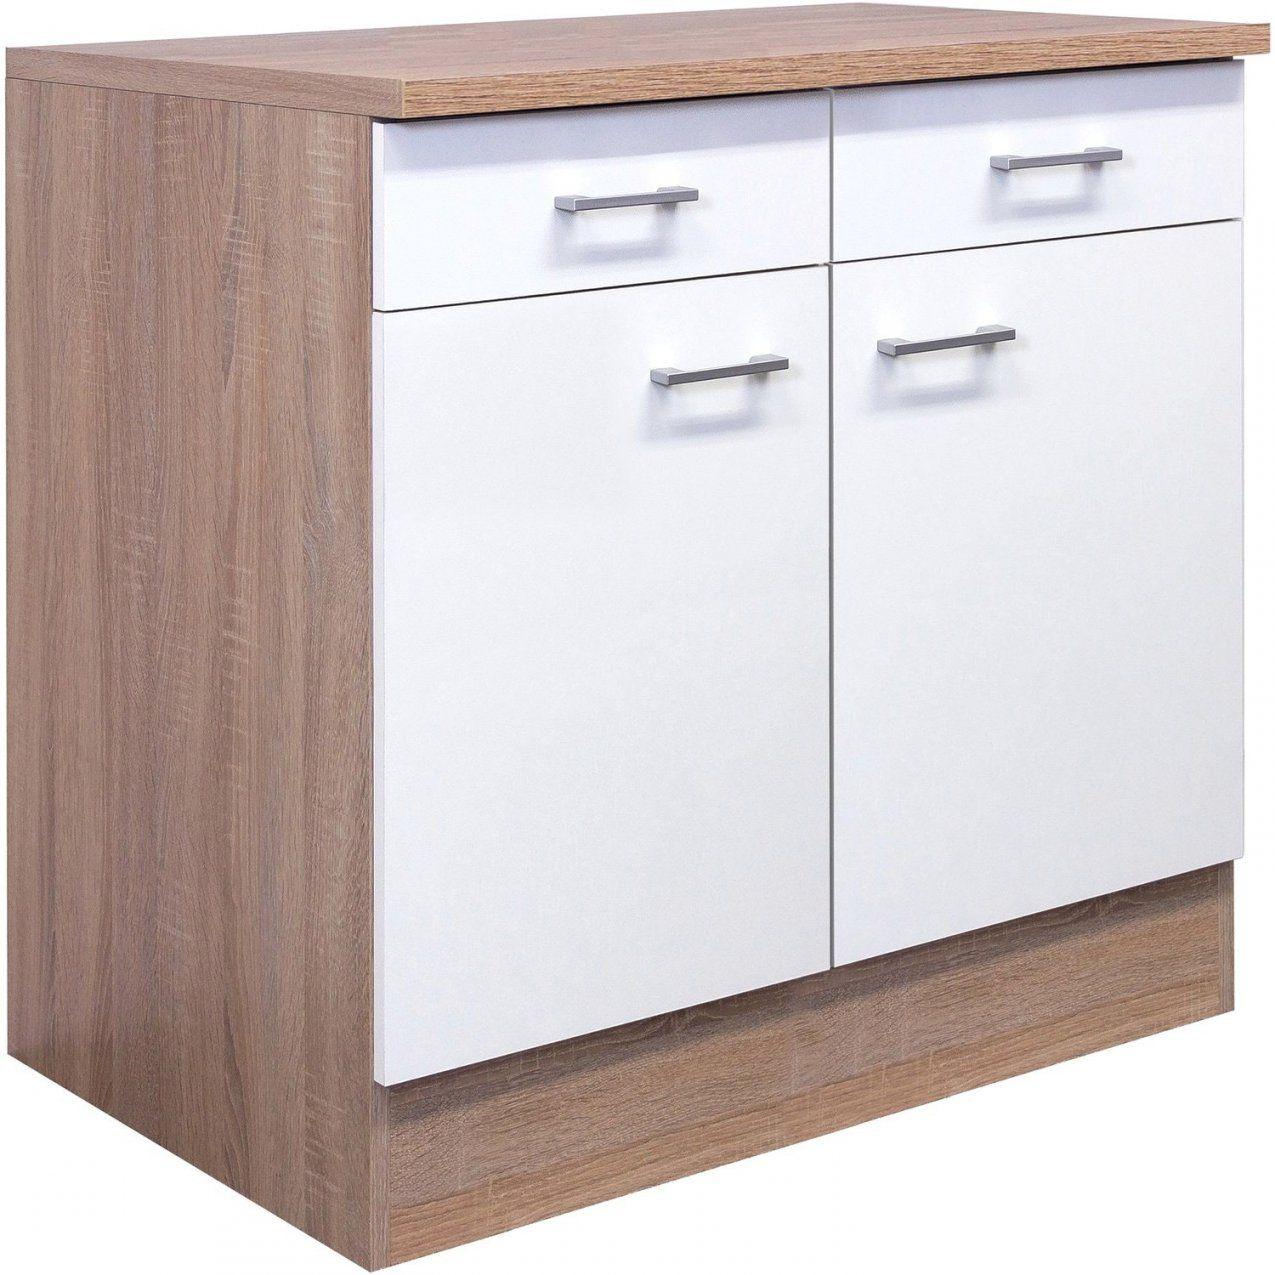 Unterschrank 50 Cm Breit Ikea Beautiful Küchen Unterschrank 100 Cm von Unterschrank Küche 50 Cm Breit Photo